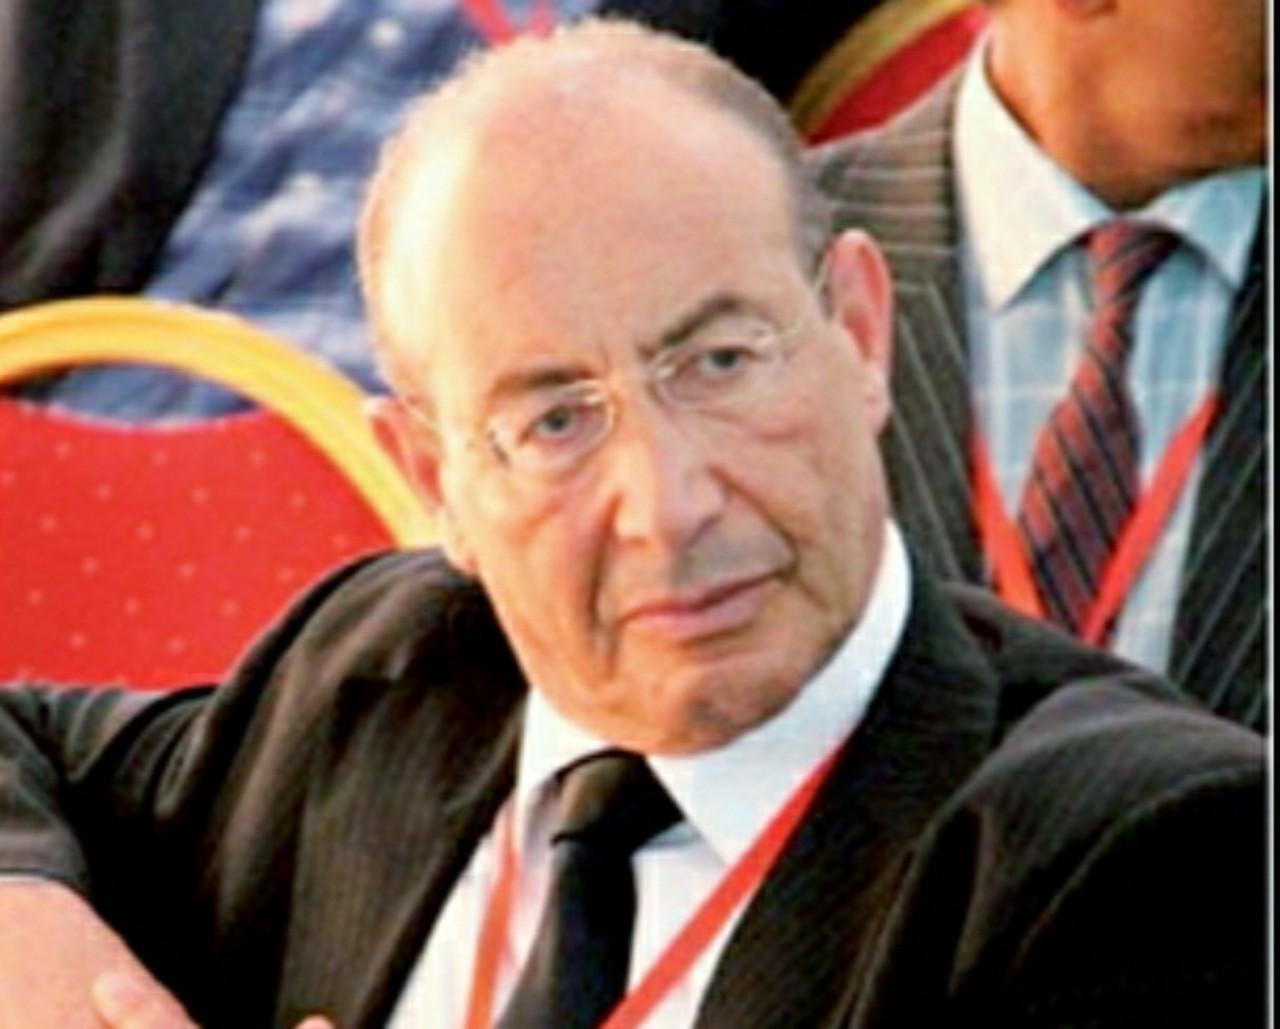 بوعزة الخراطي رئيس الجامعة الوطنية لحماية المستهلك: